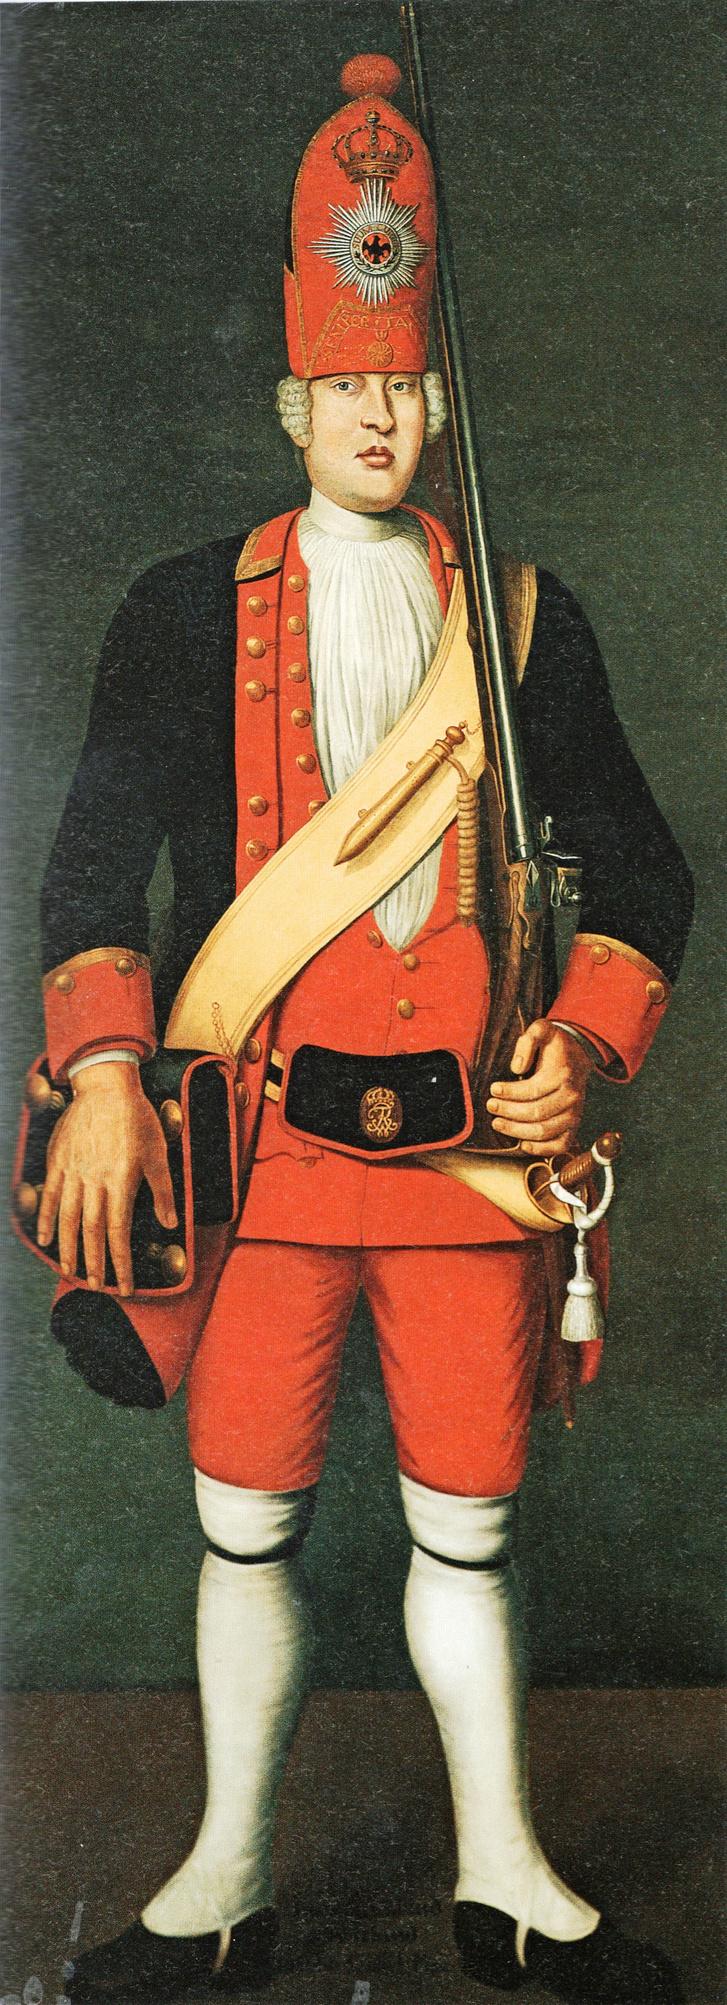 James Kirland, a potsdami óriások egyik tagja. Olajfestmény, 1718.